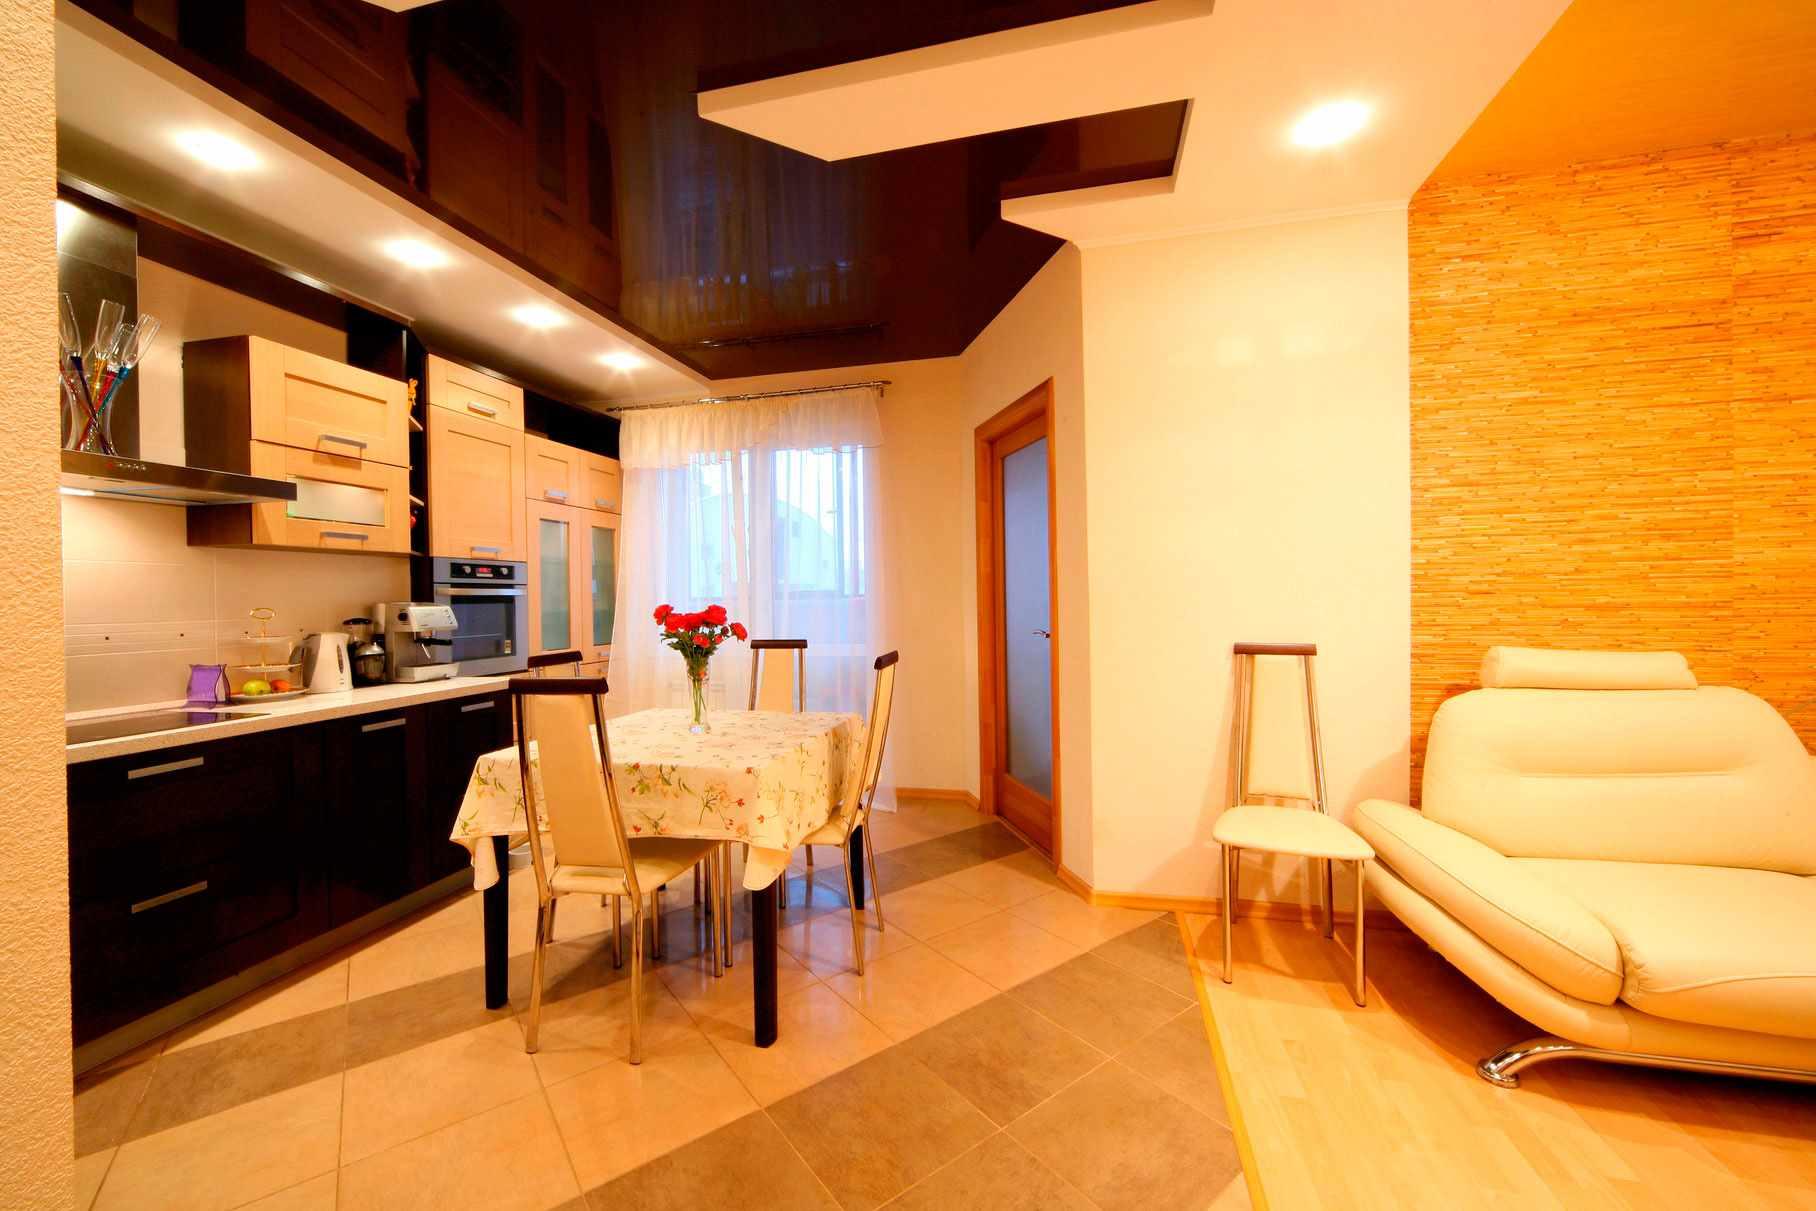 exemple d'un beau plafond intérieur dans la cuisine